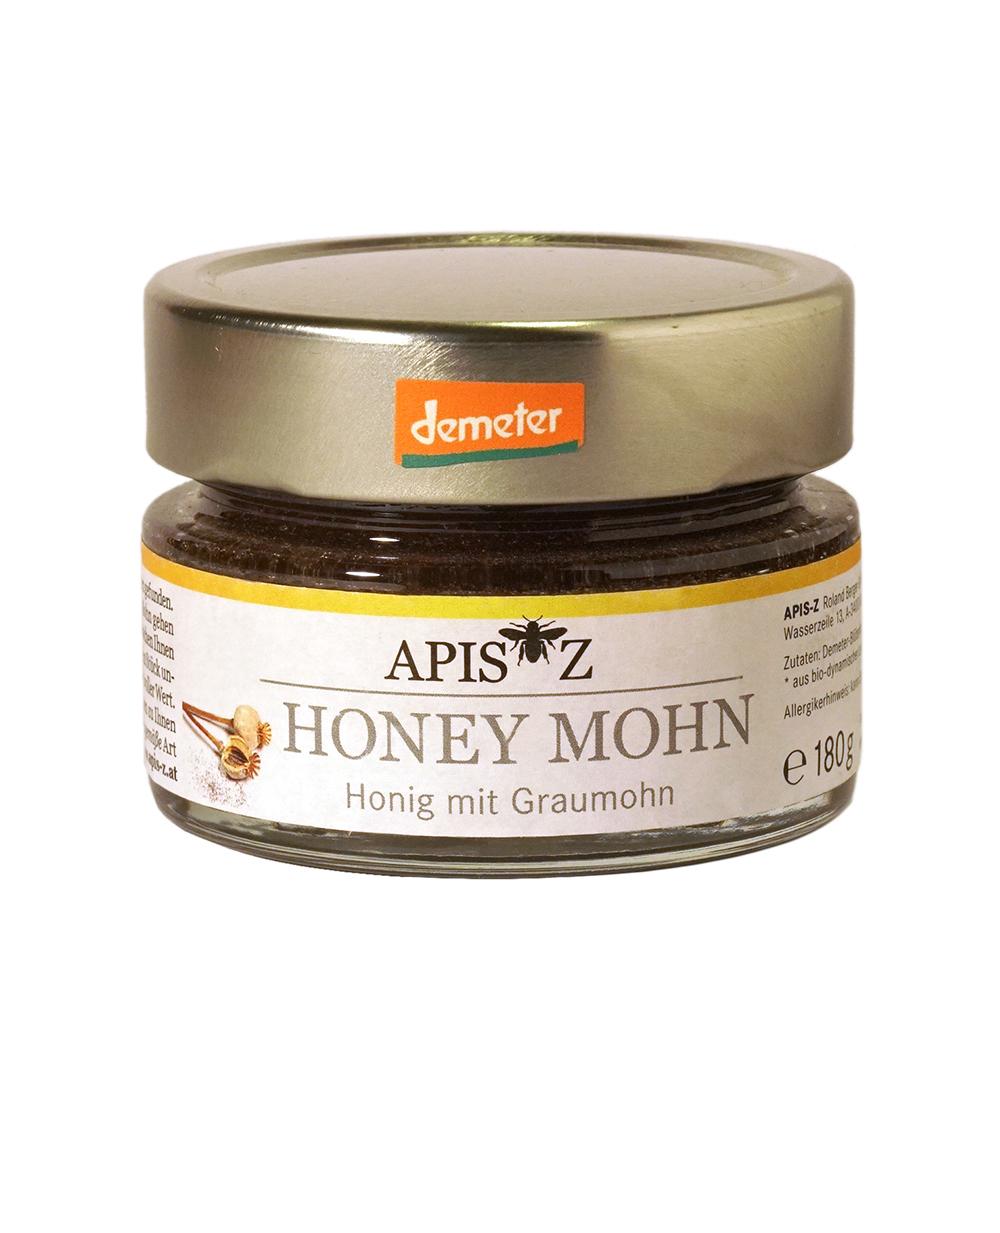 HONEY MOHN - Bio-Honig mit Graumohn